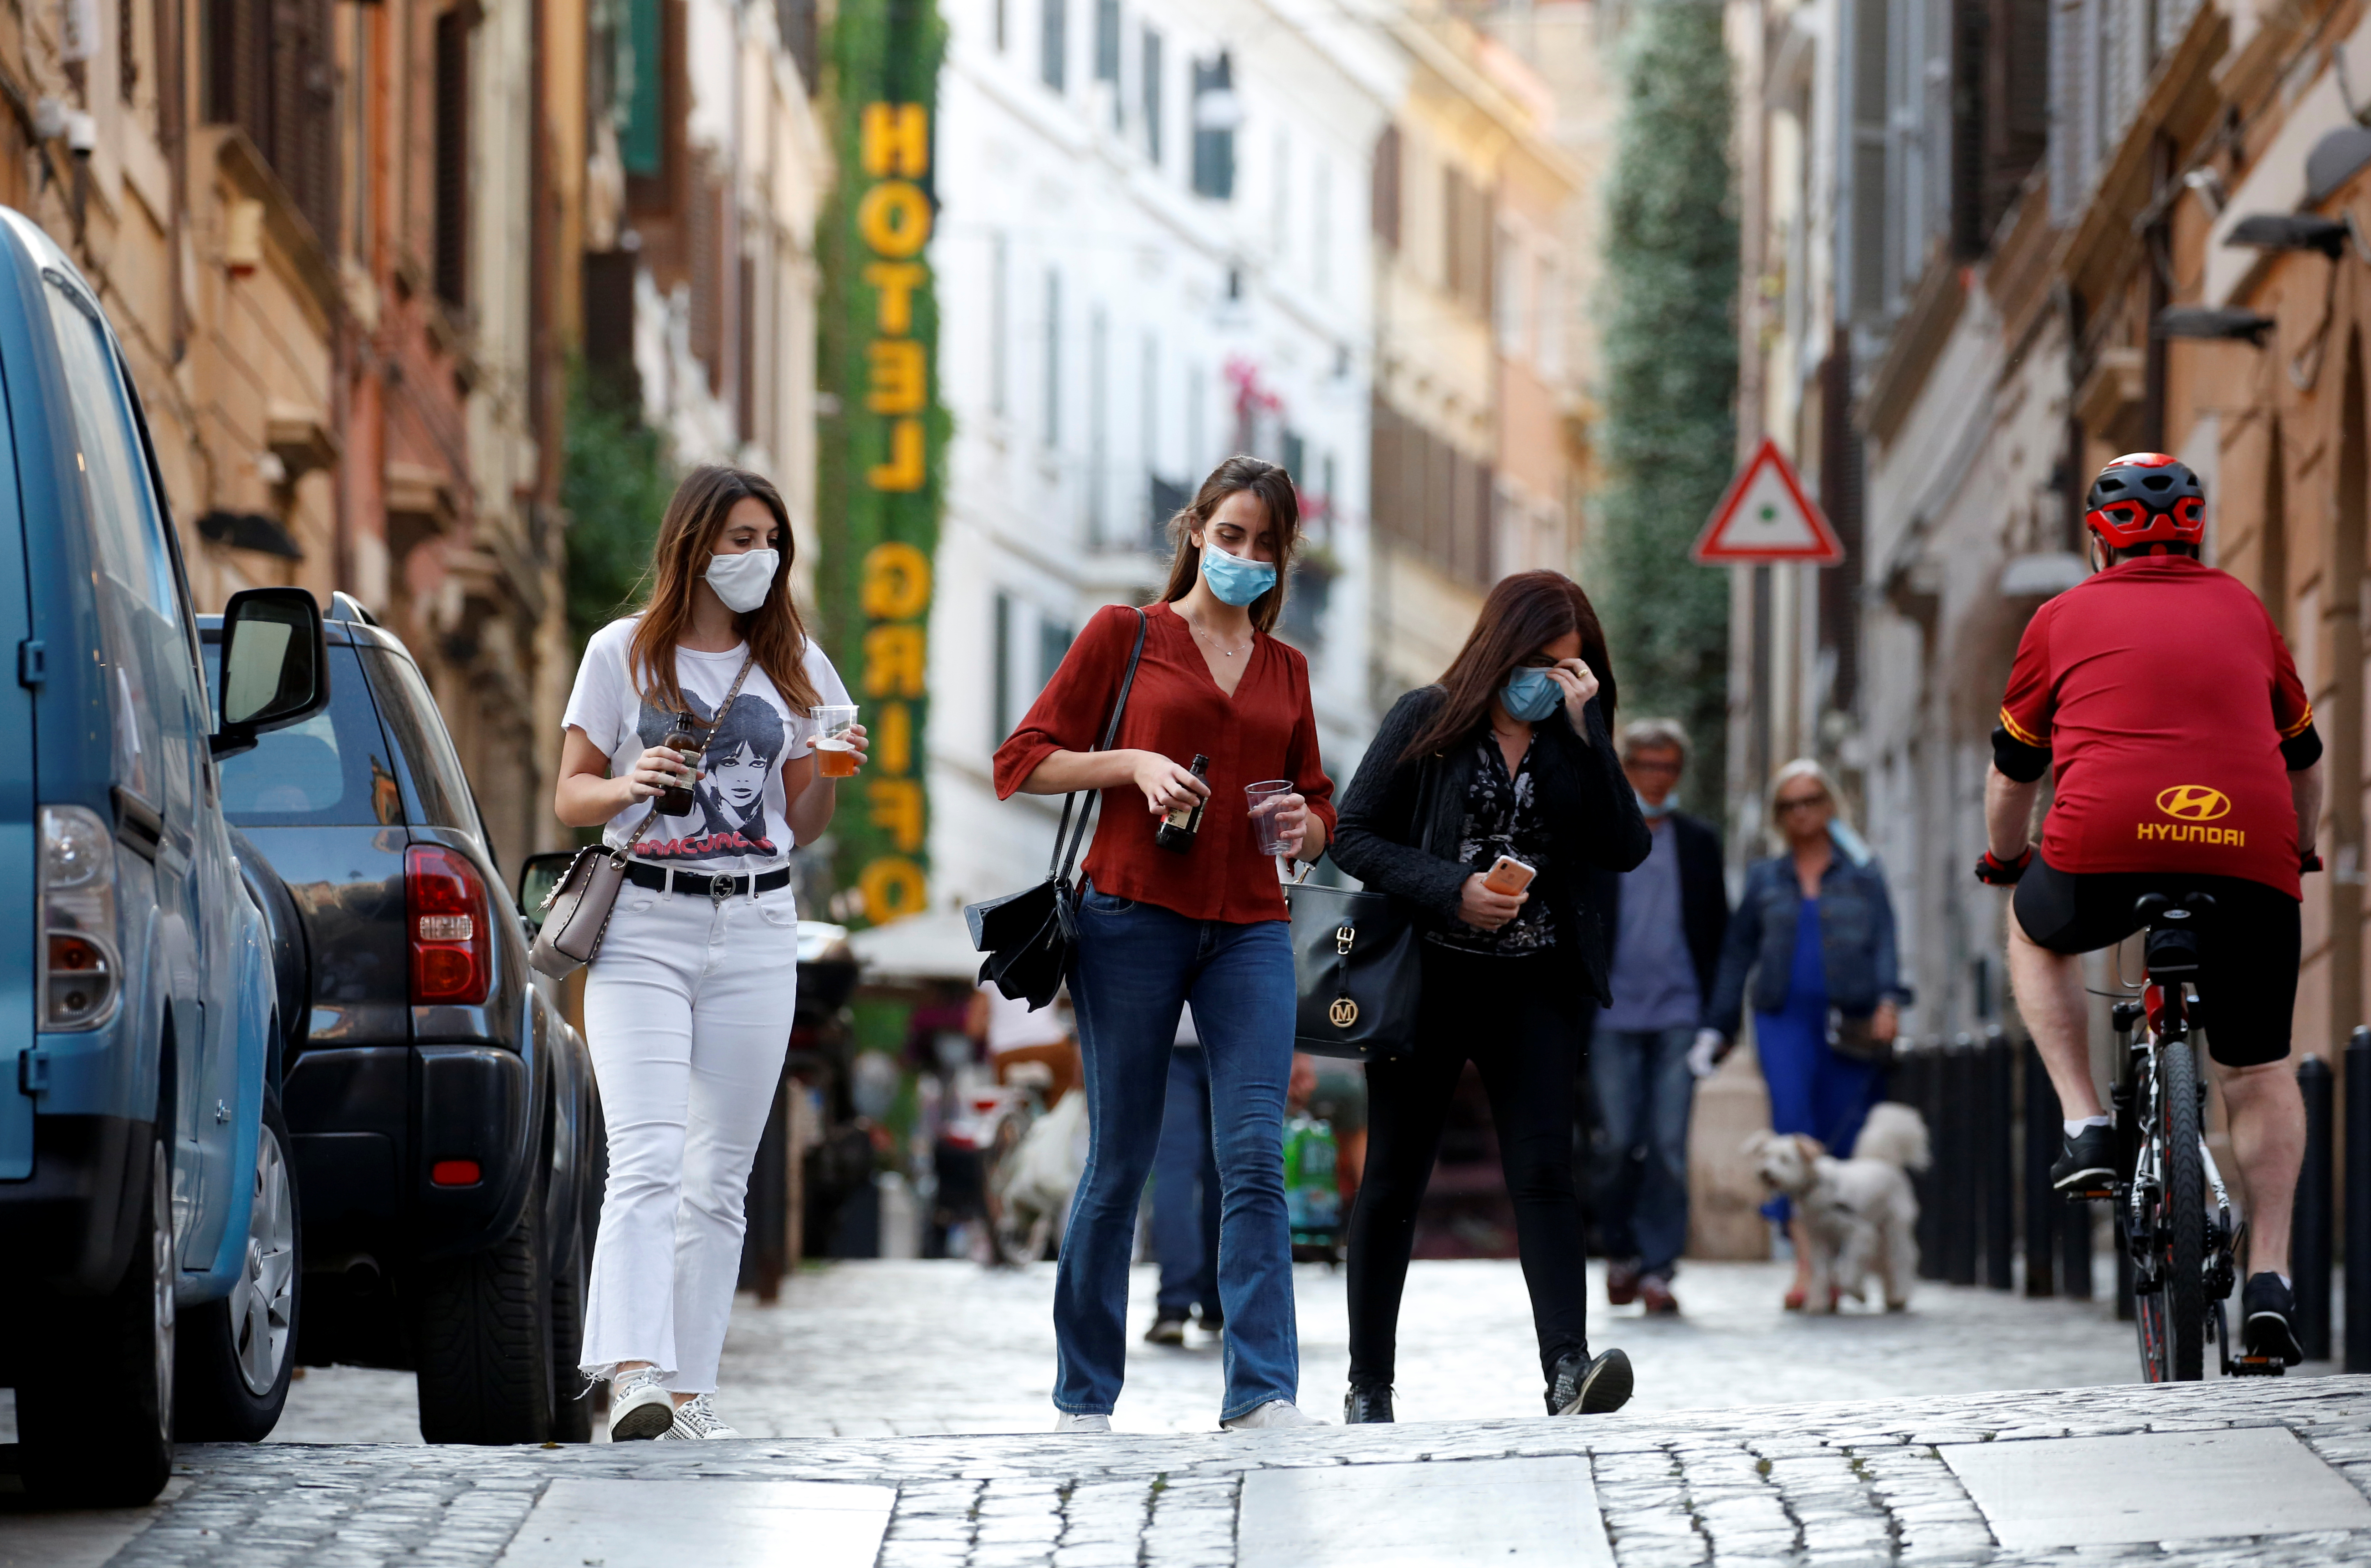 Mujeres con barbijo en el barrio Monti de Roma (REUTERS/Remo Casilli)